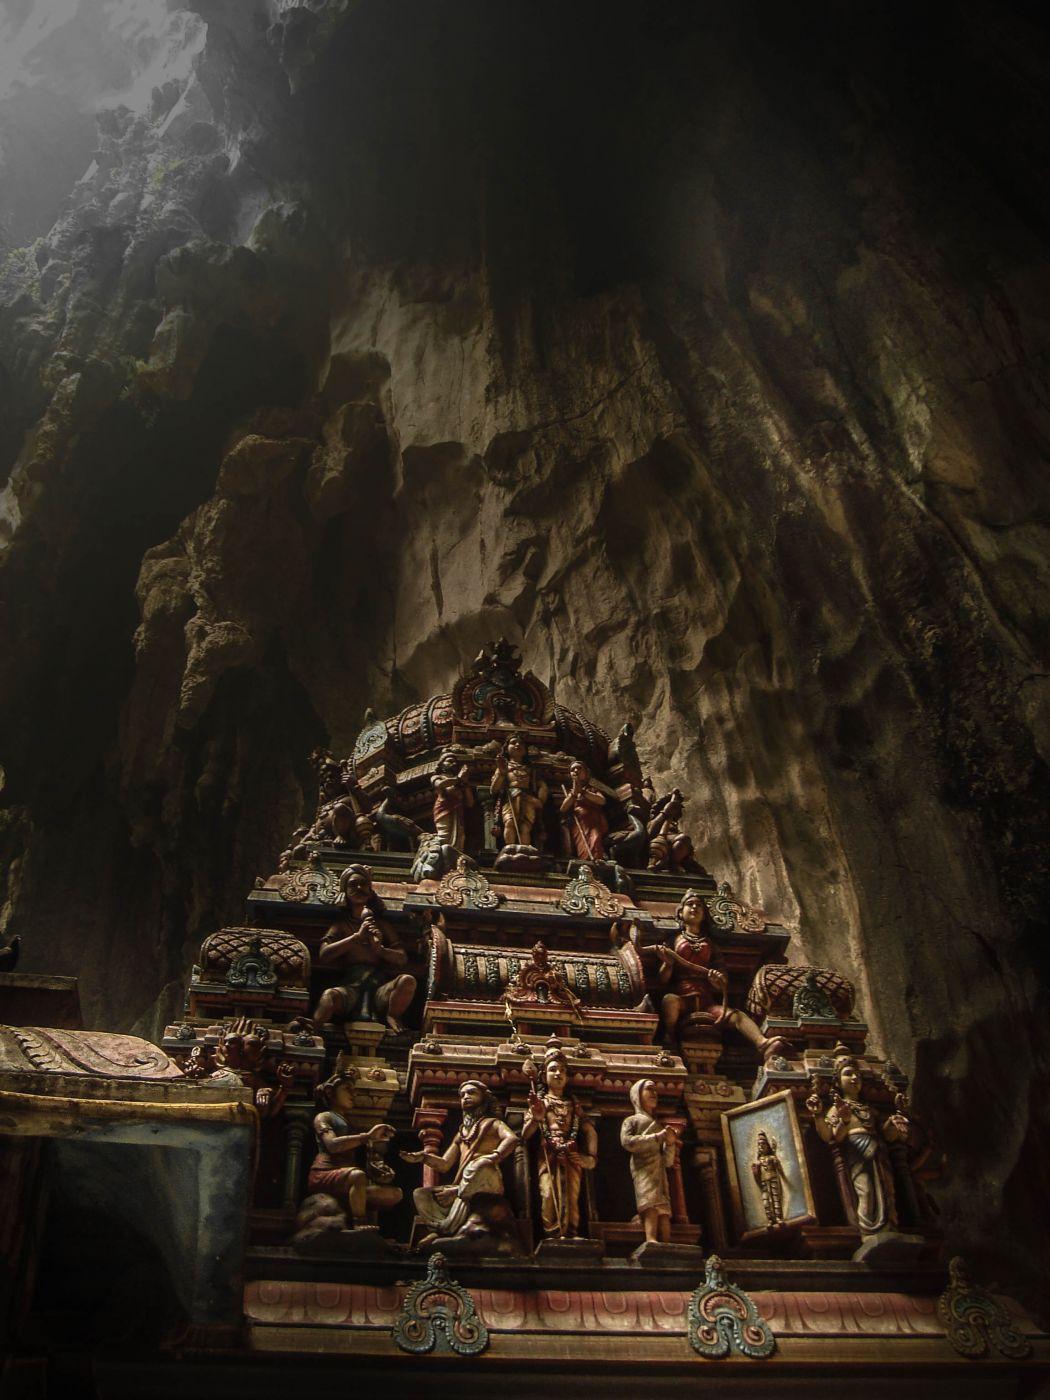 The Batu Caves, Malaysia